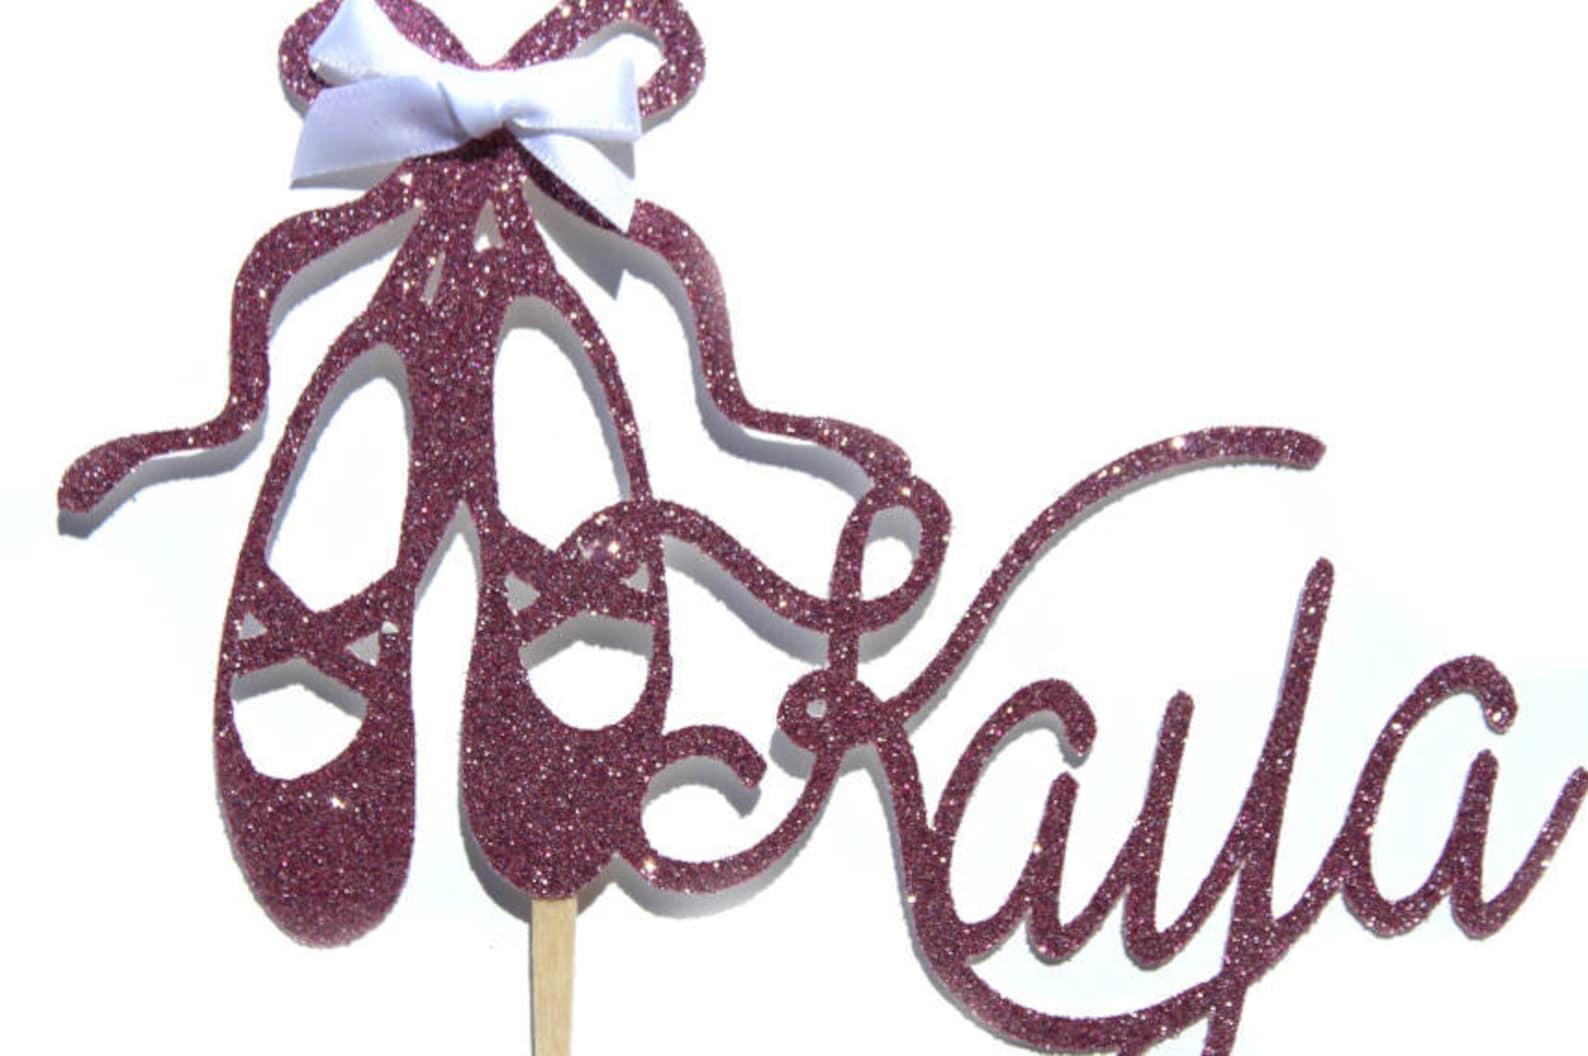 ballerina cake ballet cake topper princess cake topper cake topper custom name topper birthday name topper glitter cake topper b